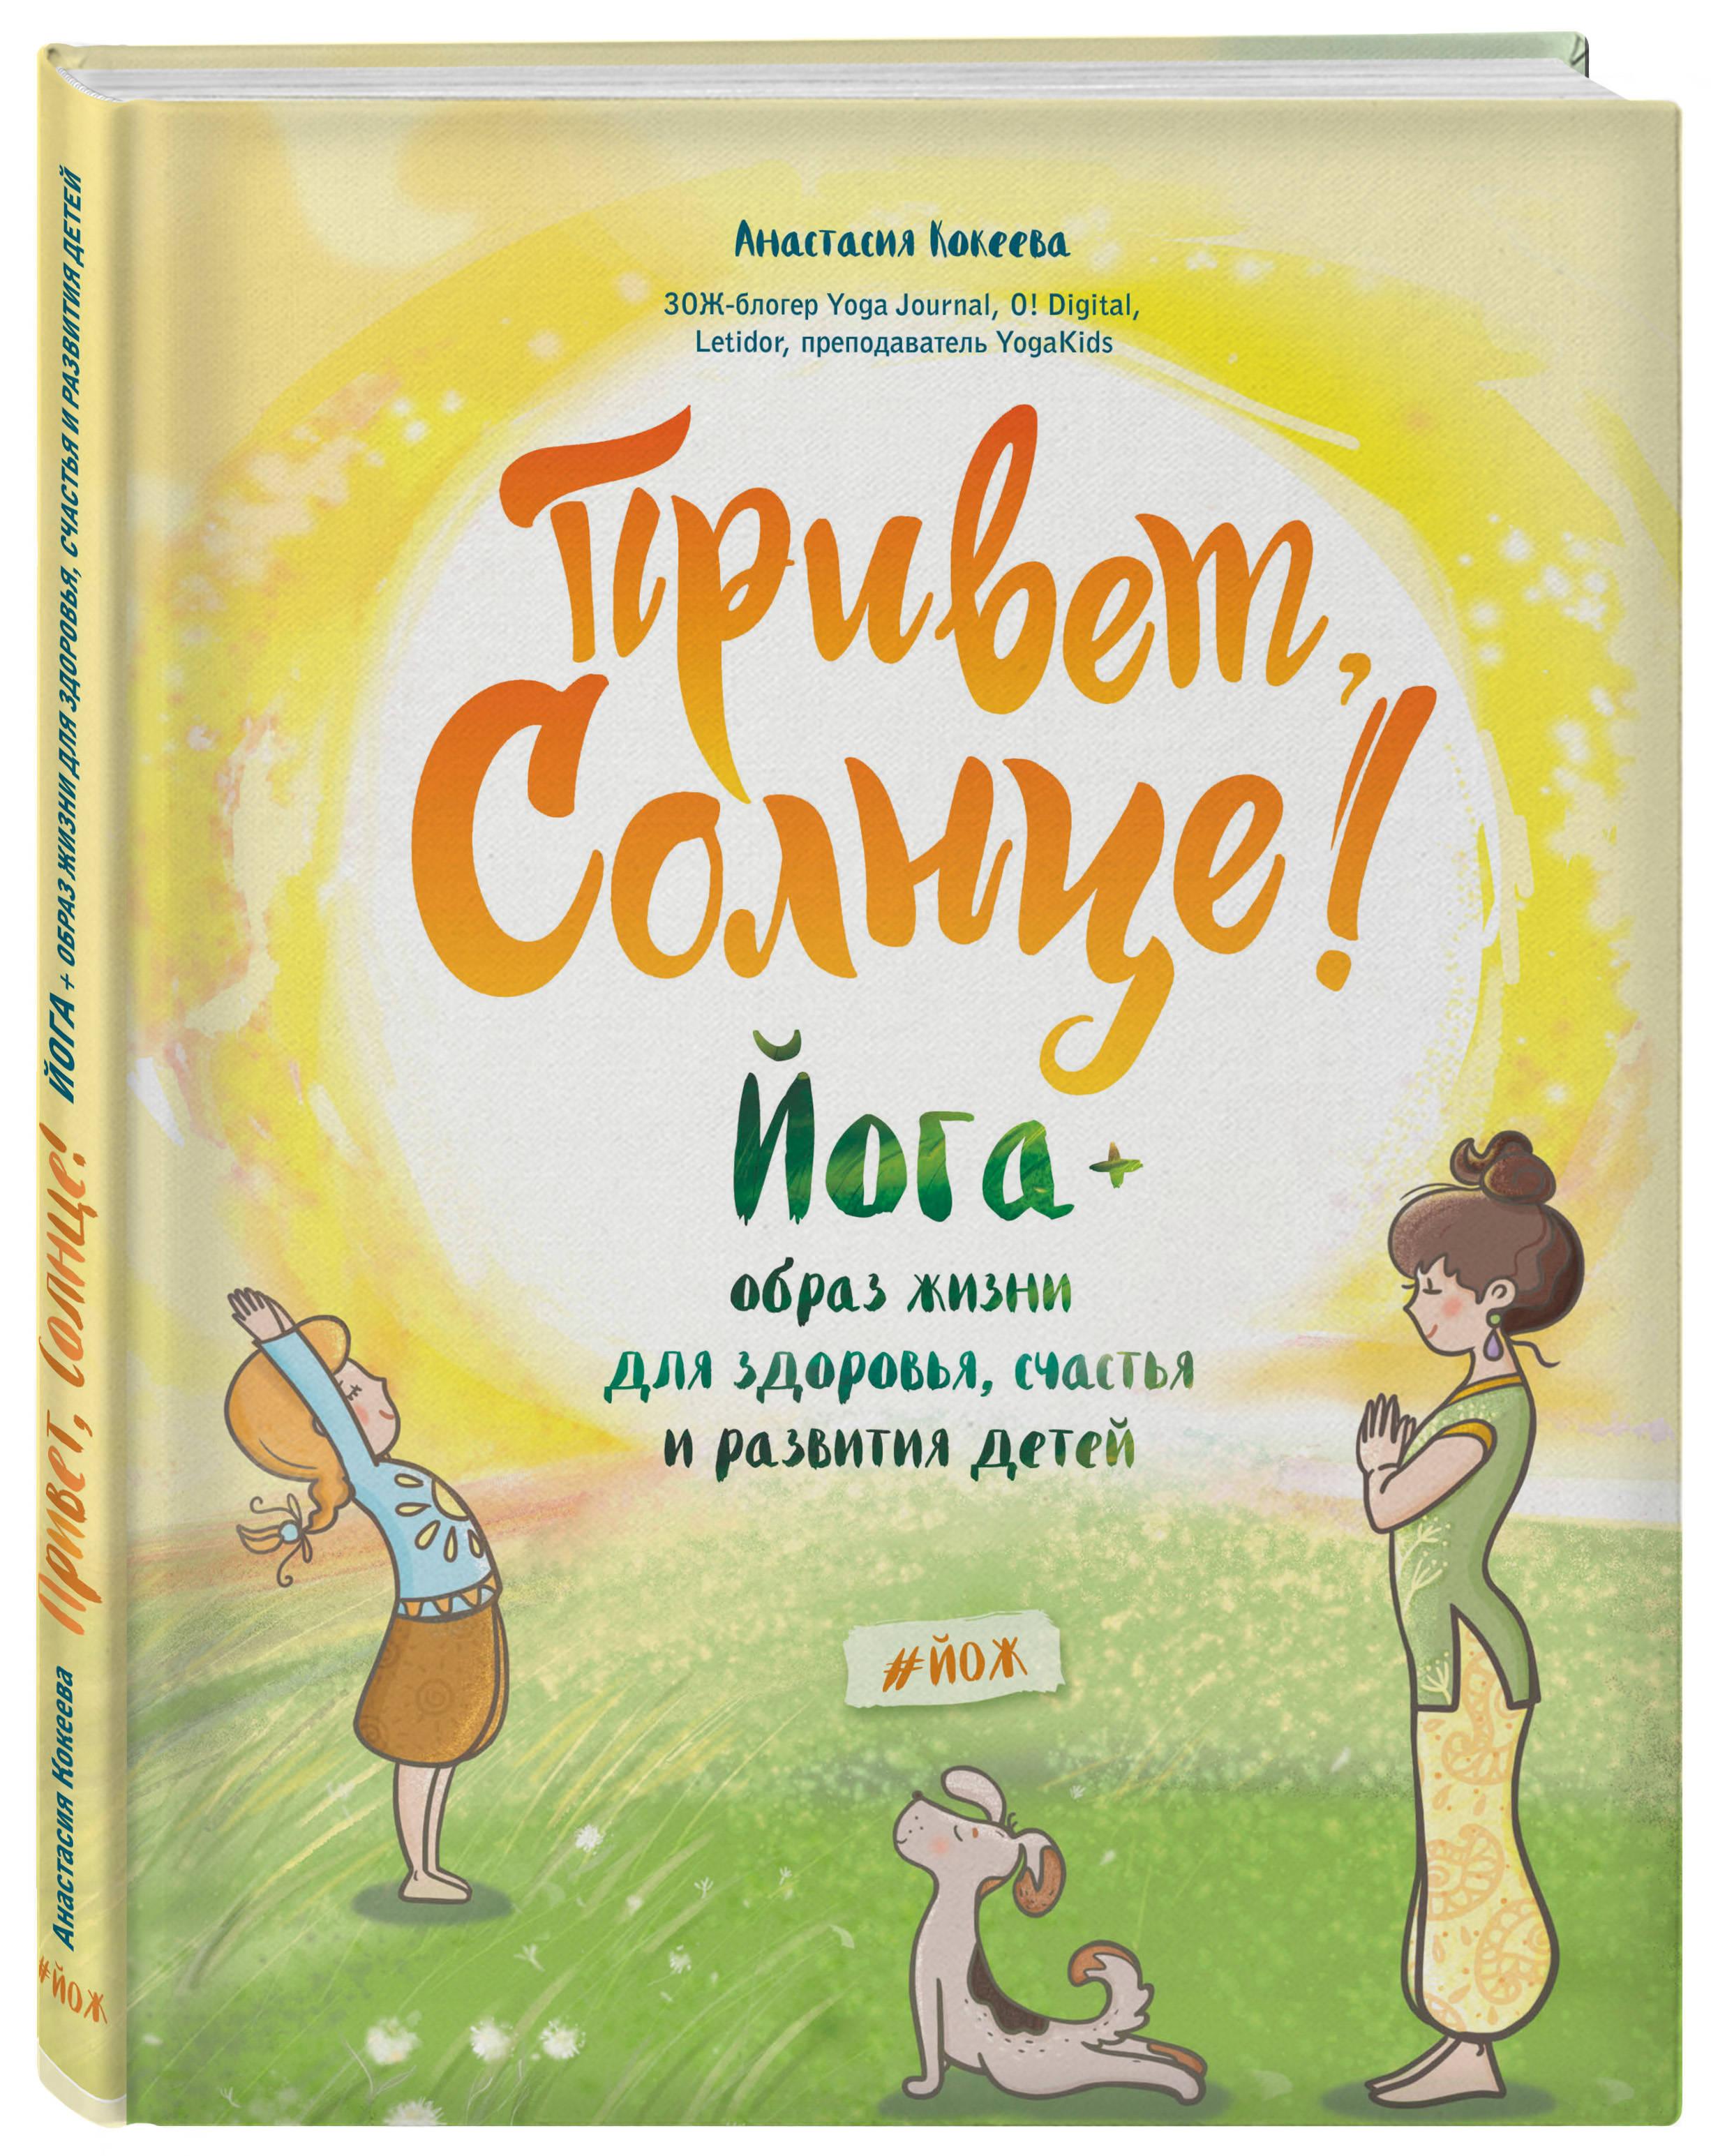 Привет, Солнце! Йога + образ жизни для здоровья, счастья и развития детей от book24.ru